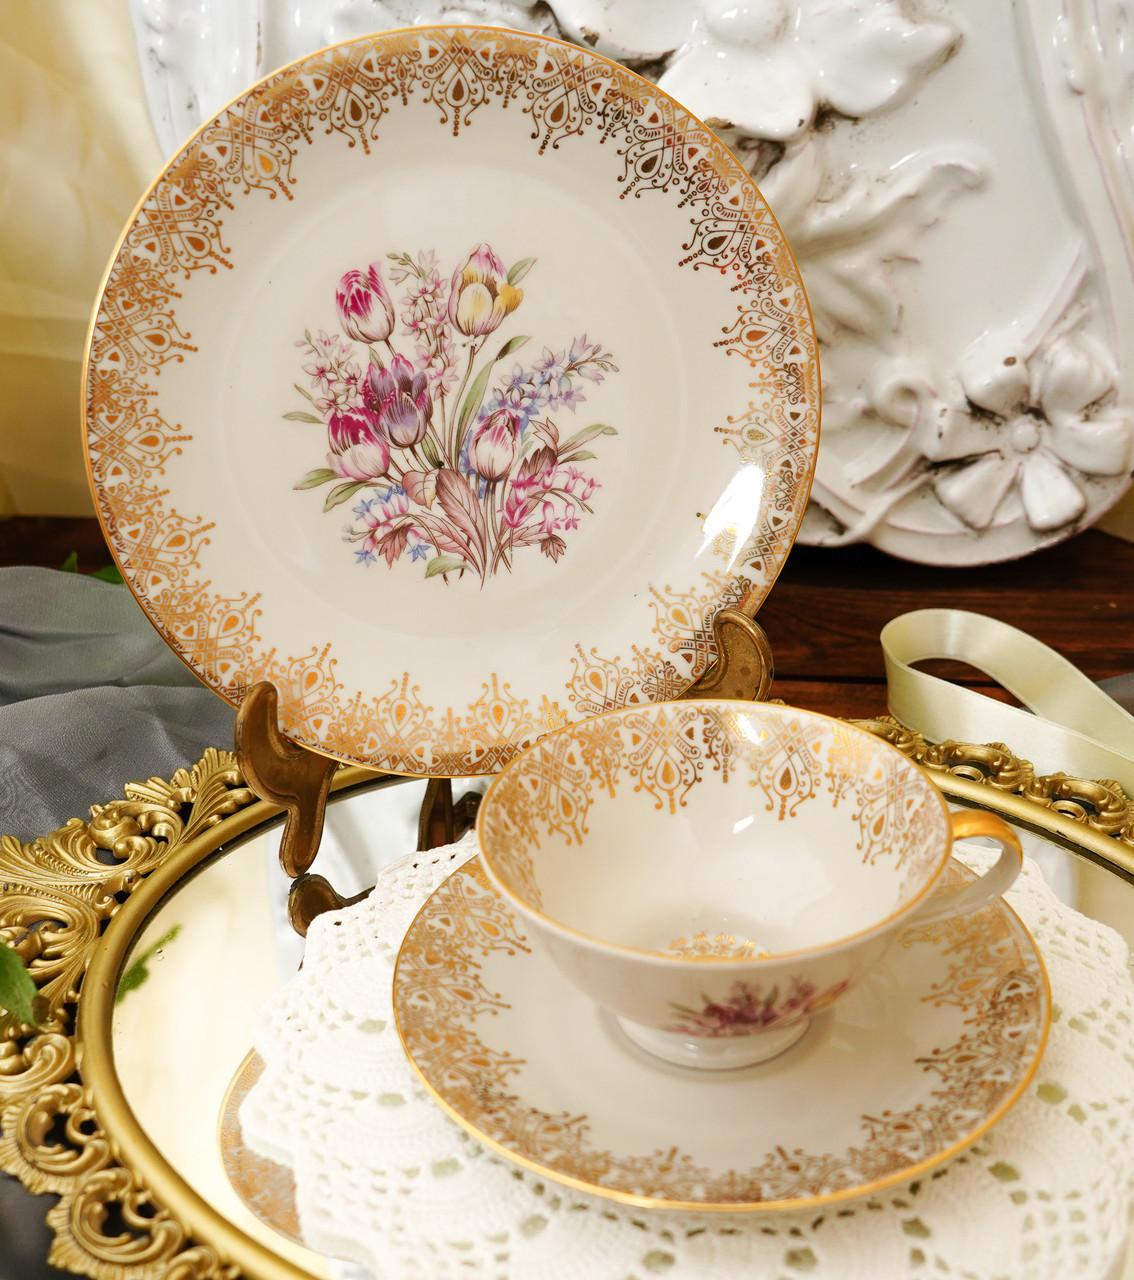 Порцеляновий чайна трійка, чашка, блюдце й тарілка, Porzellanfabrik Oscar Schaller & Co, Німеччина, фарфор